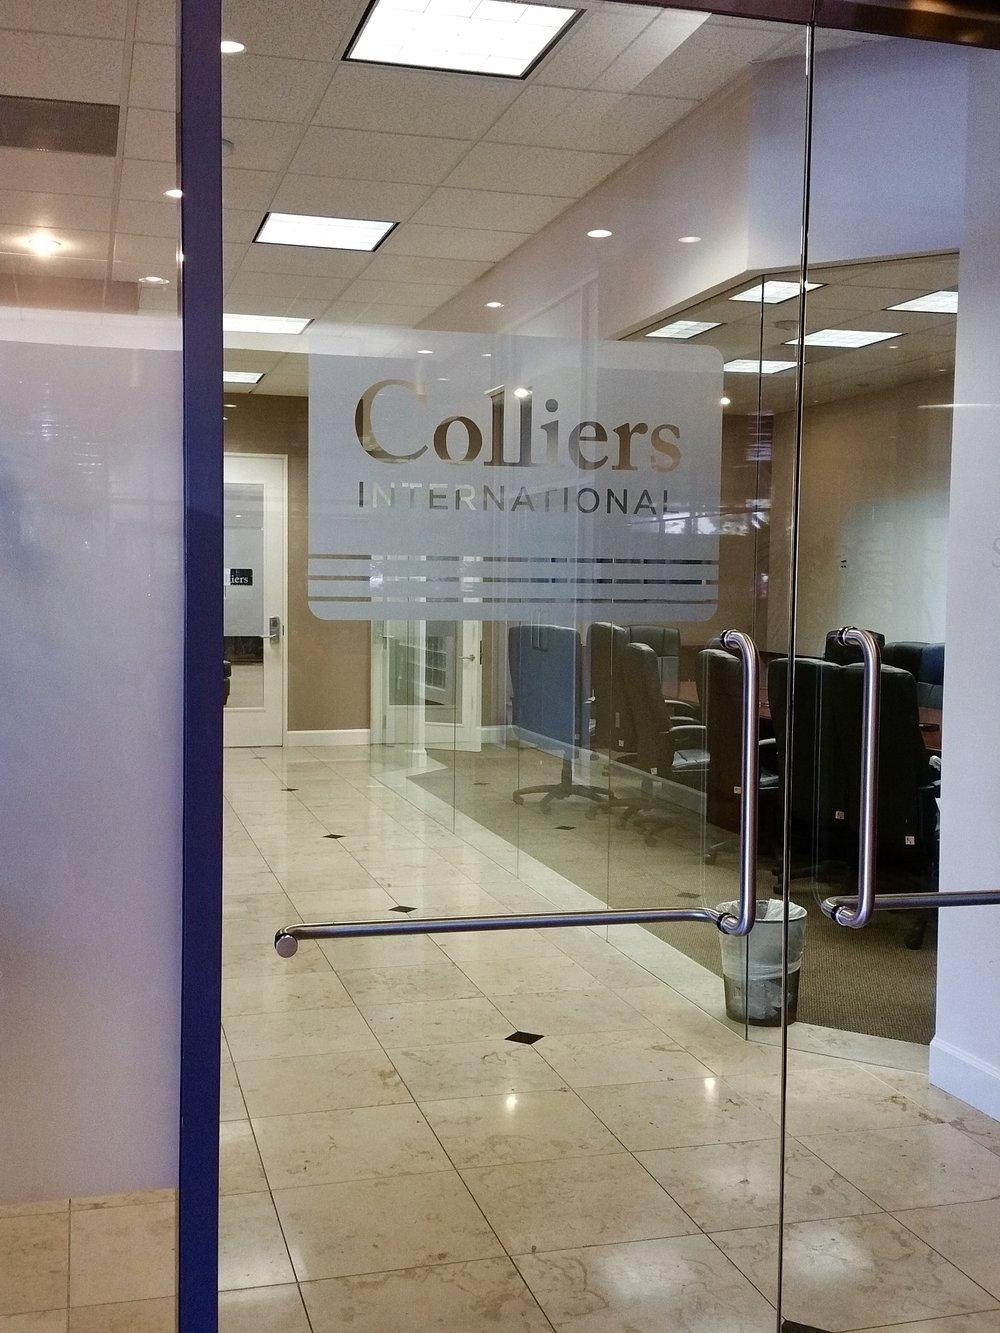 COLLIERS ENCINO ENTRY VINYL